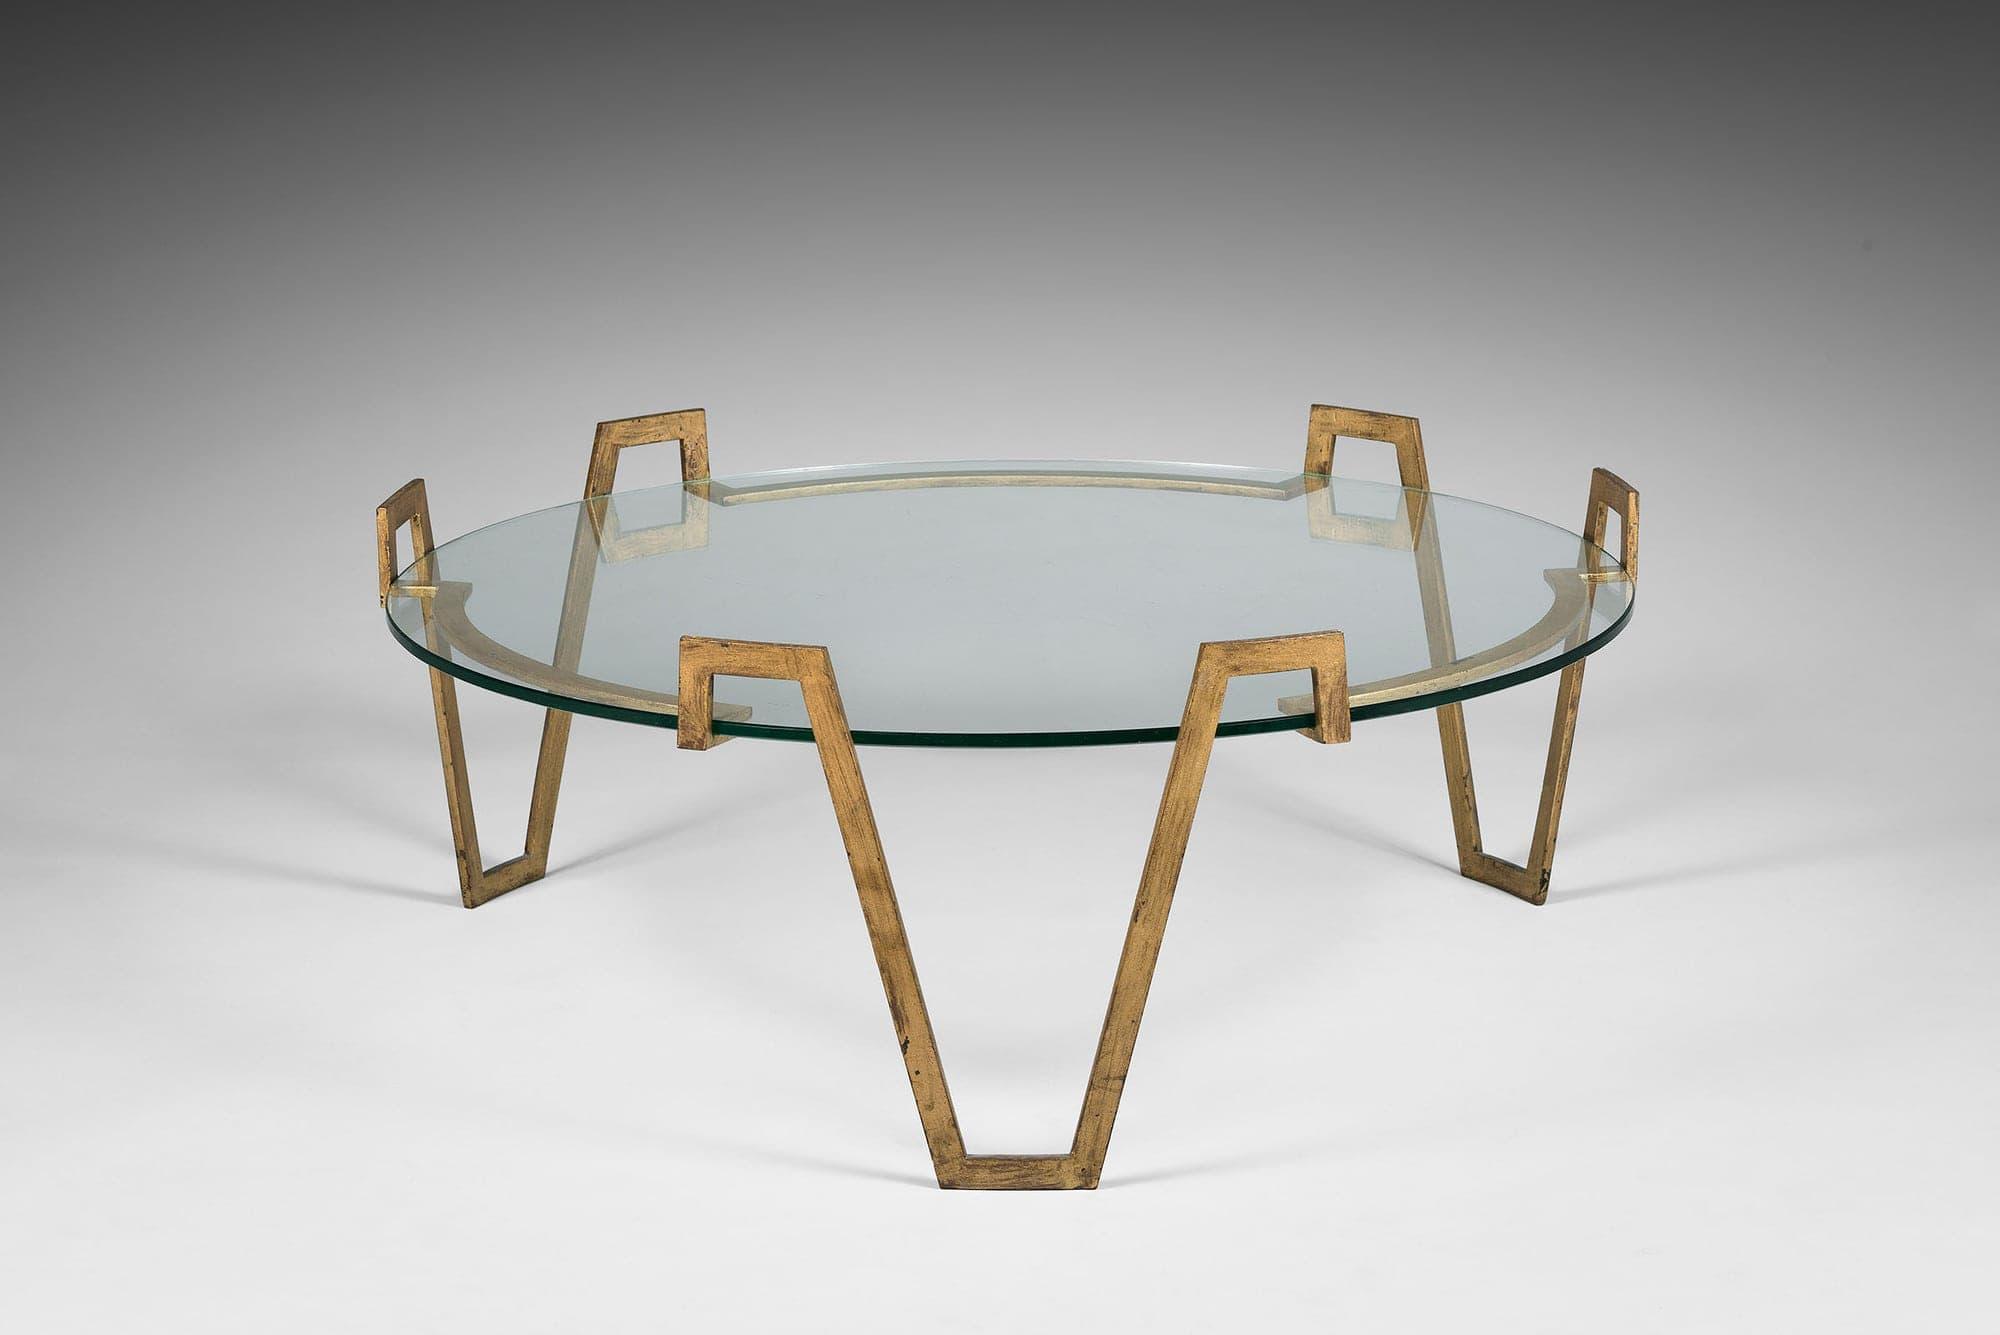 Jean Royère, Table basse « Val d'or » (vendue), vue 02